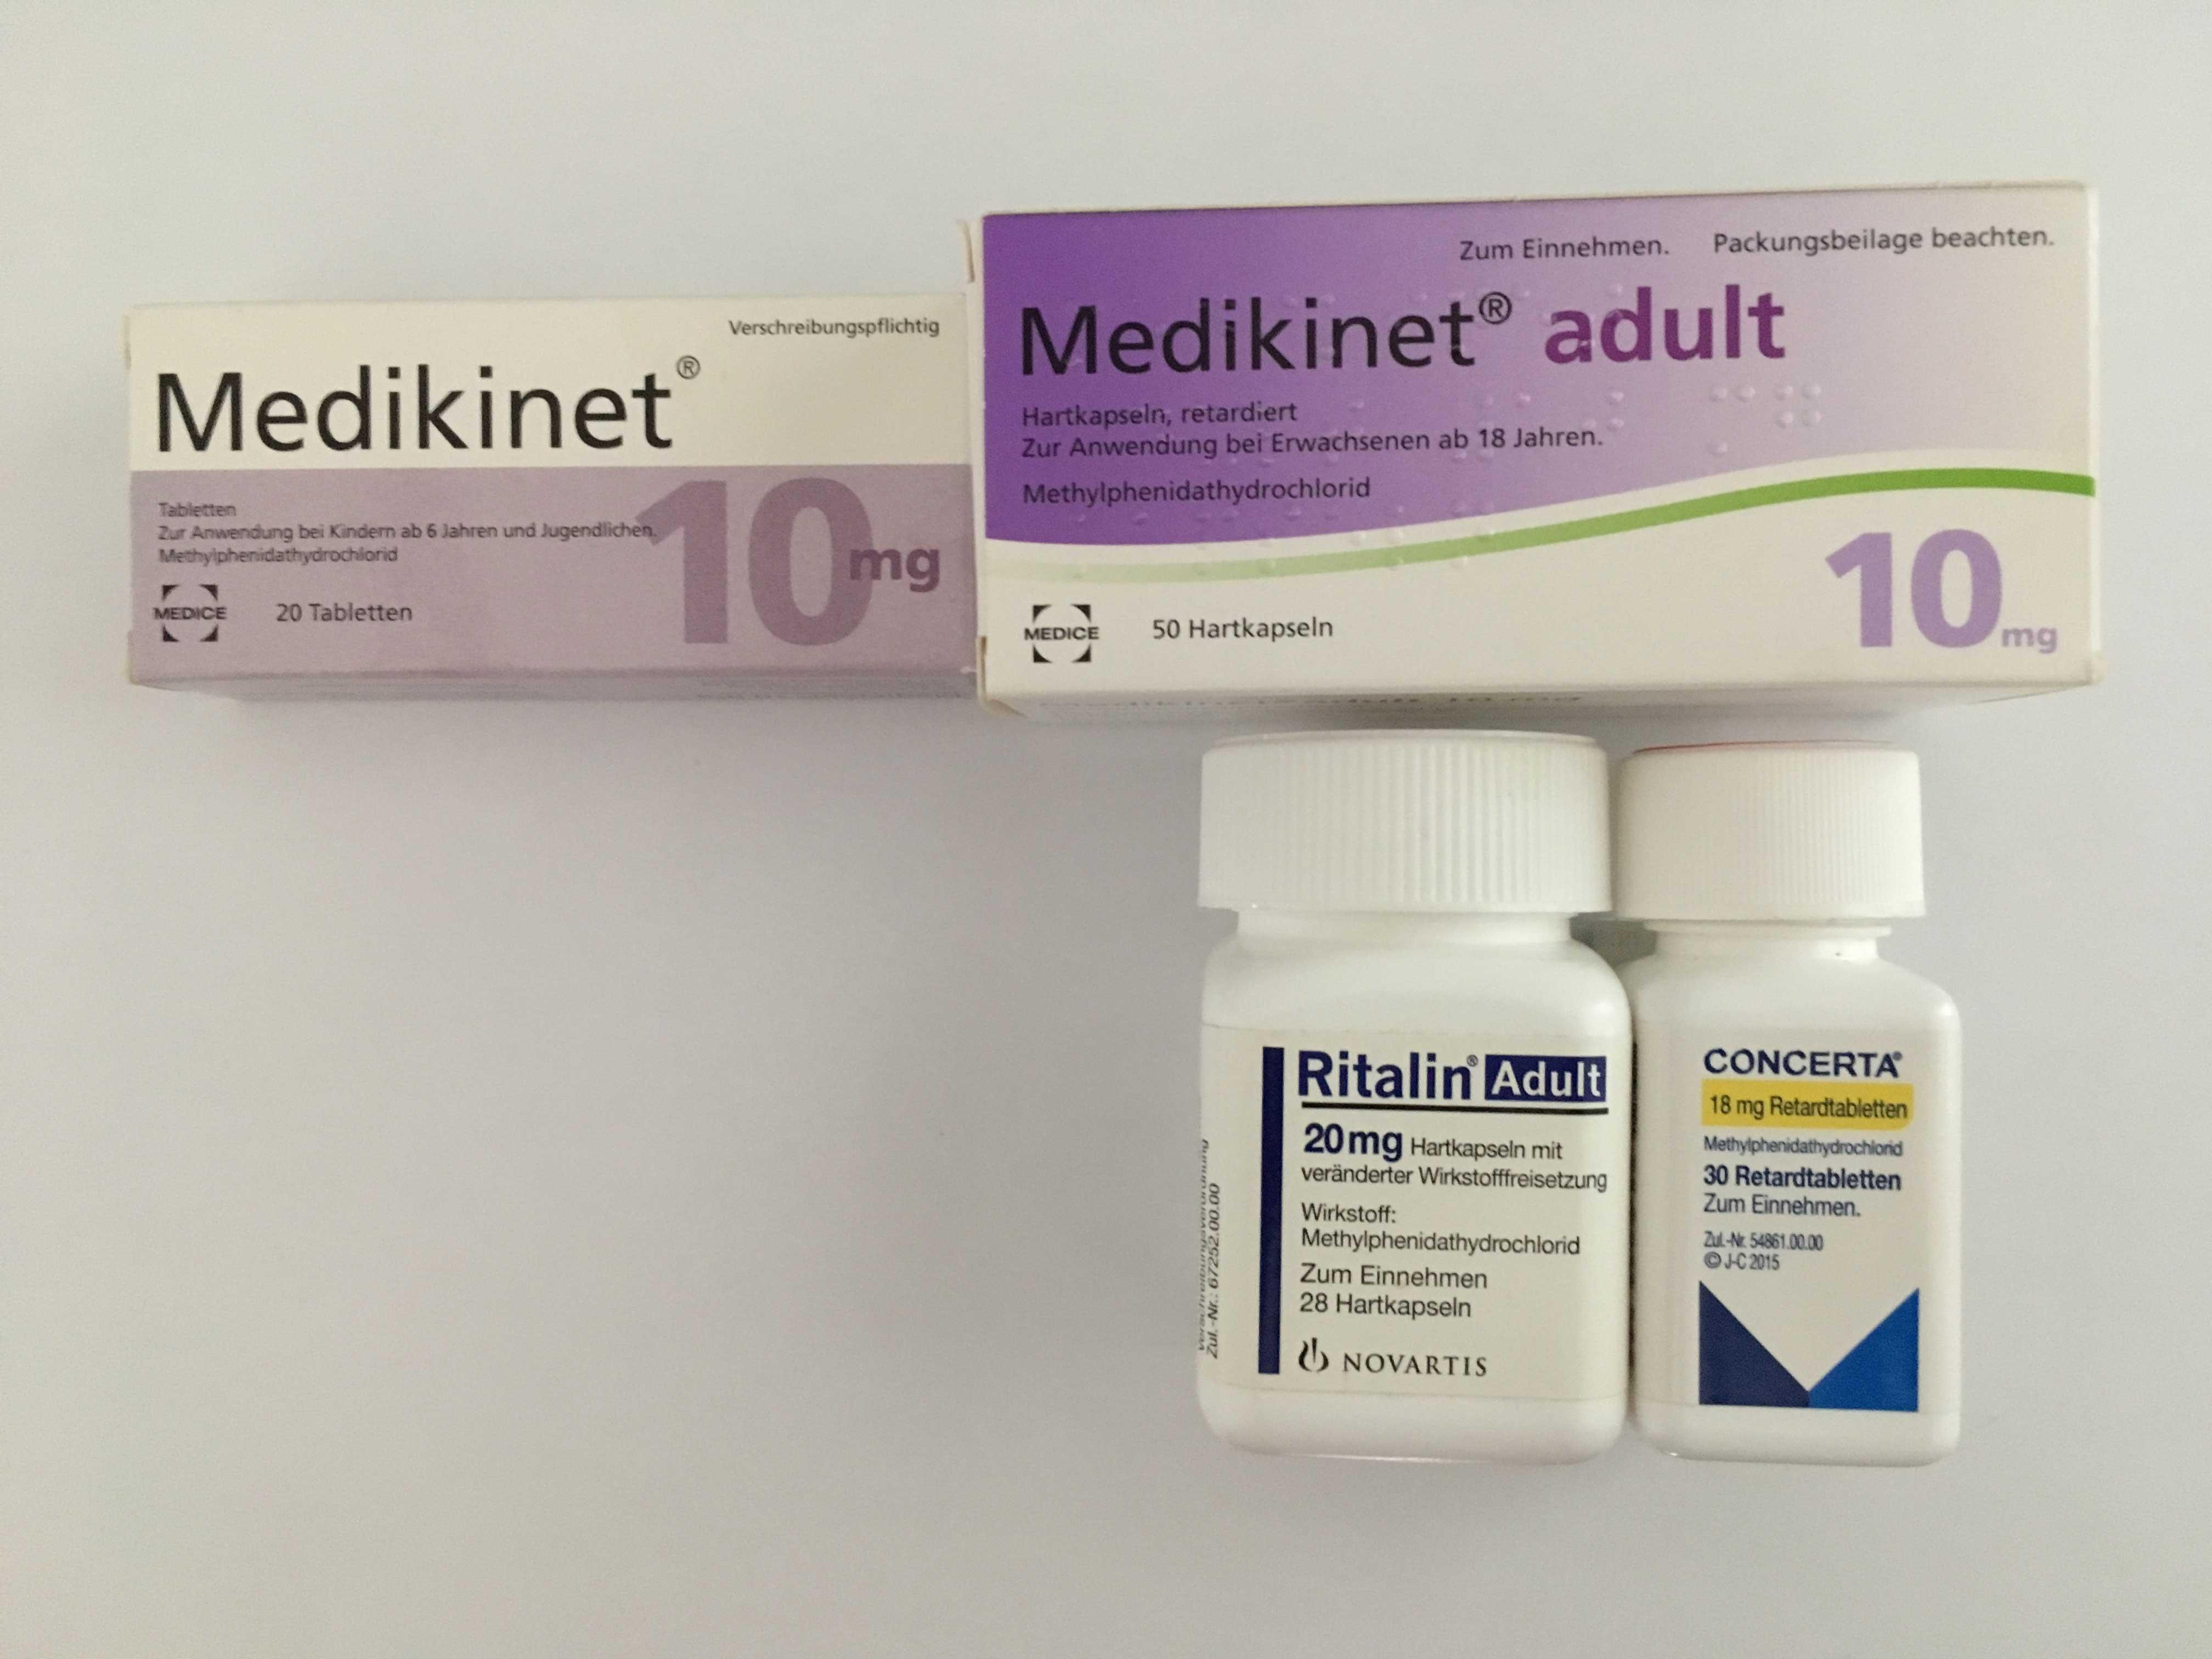 Diätpillen mit Amphetamin-Medikament